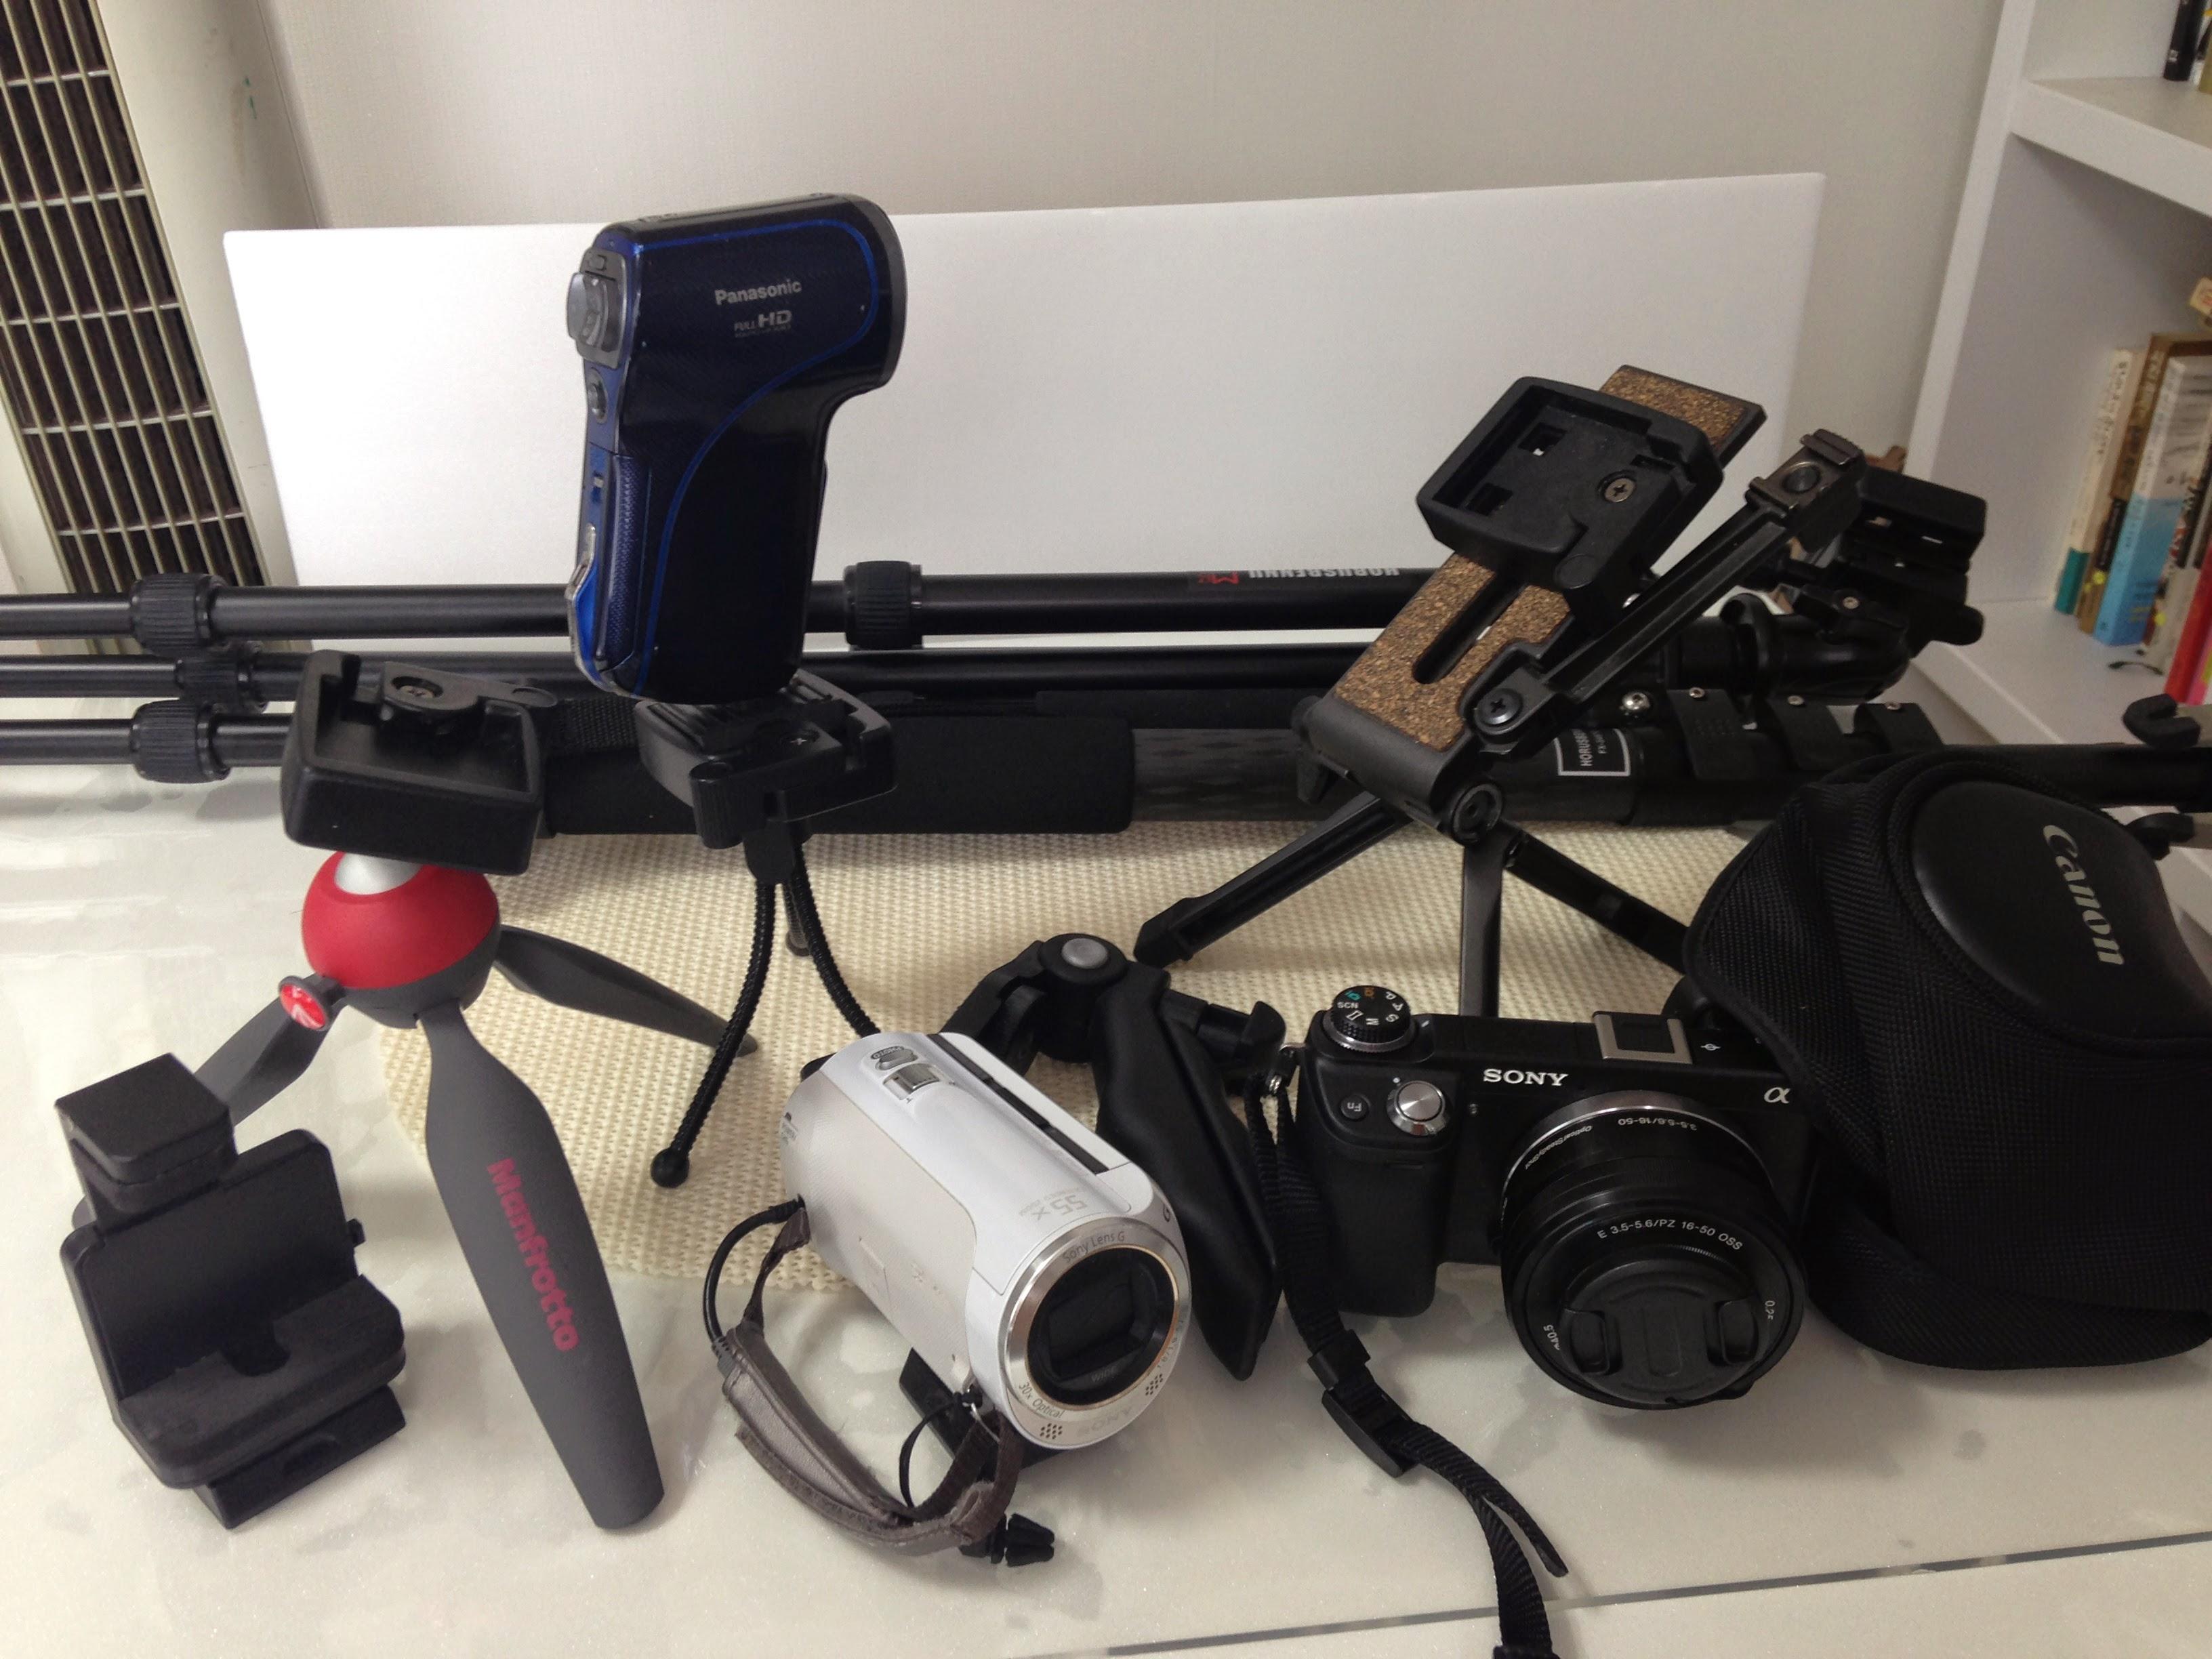 카메라와 캠코더, 삼각대의 연결을 편리하게 하는 방법